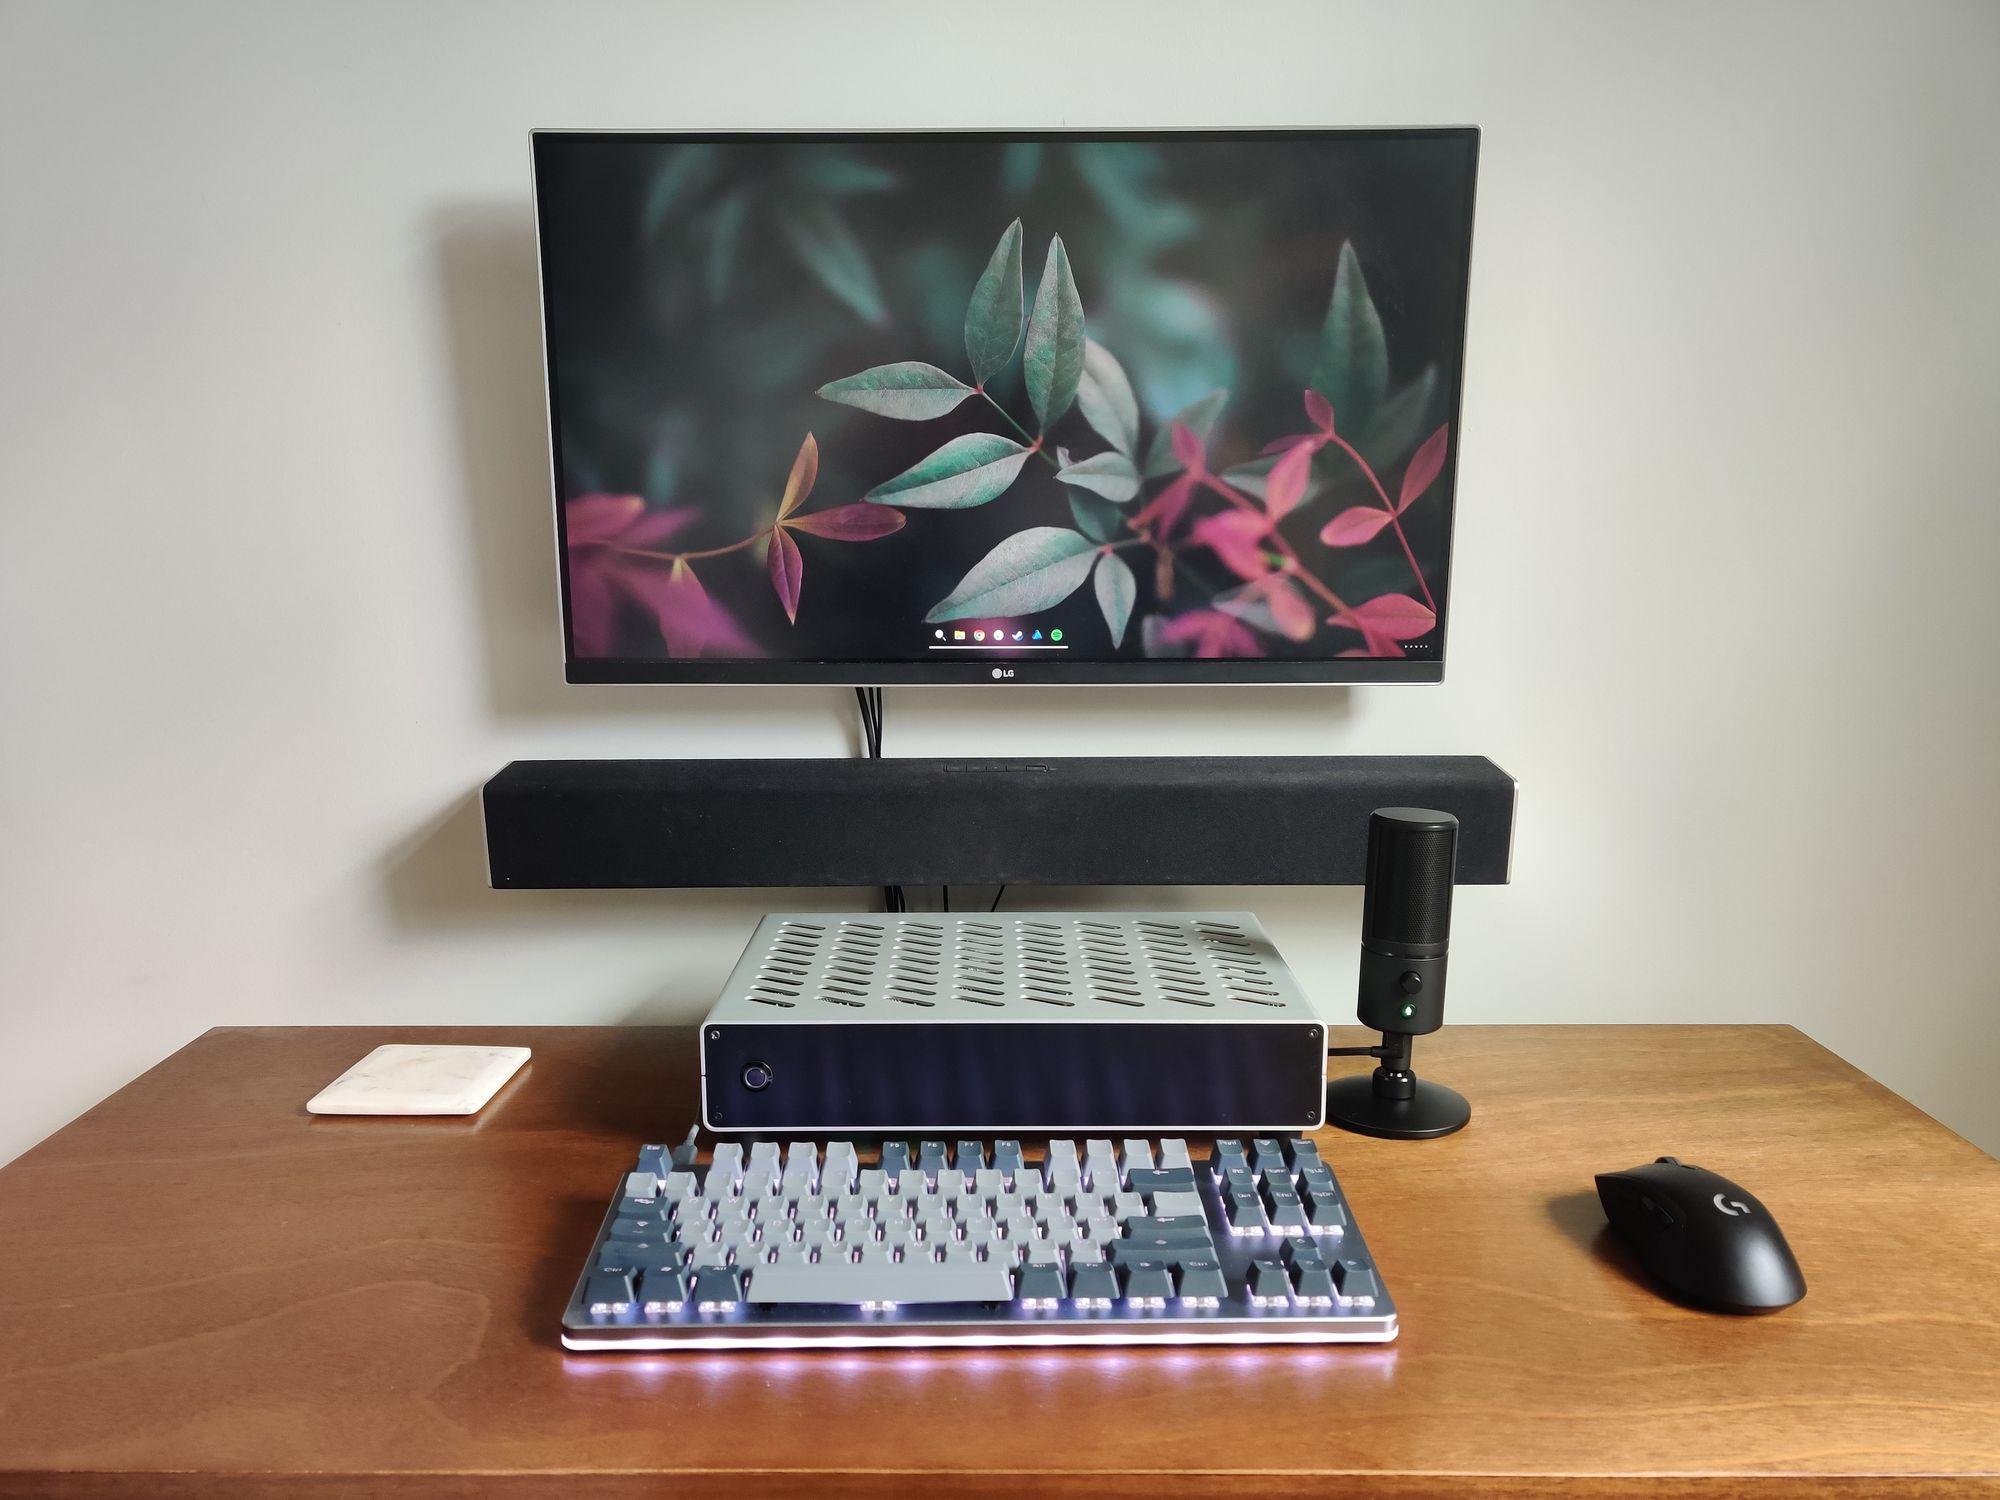 Desk Setup with the Razer Seiren X